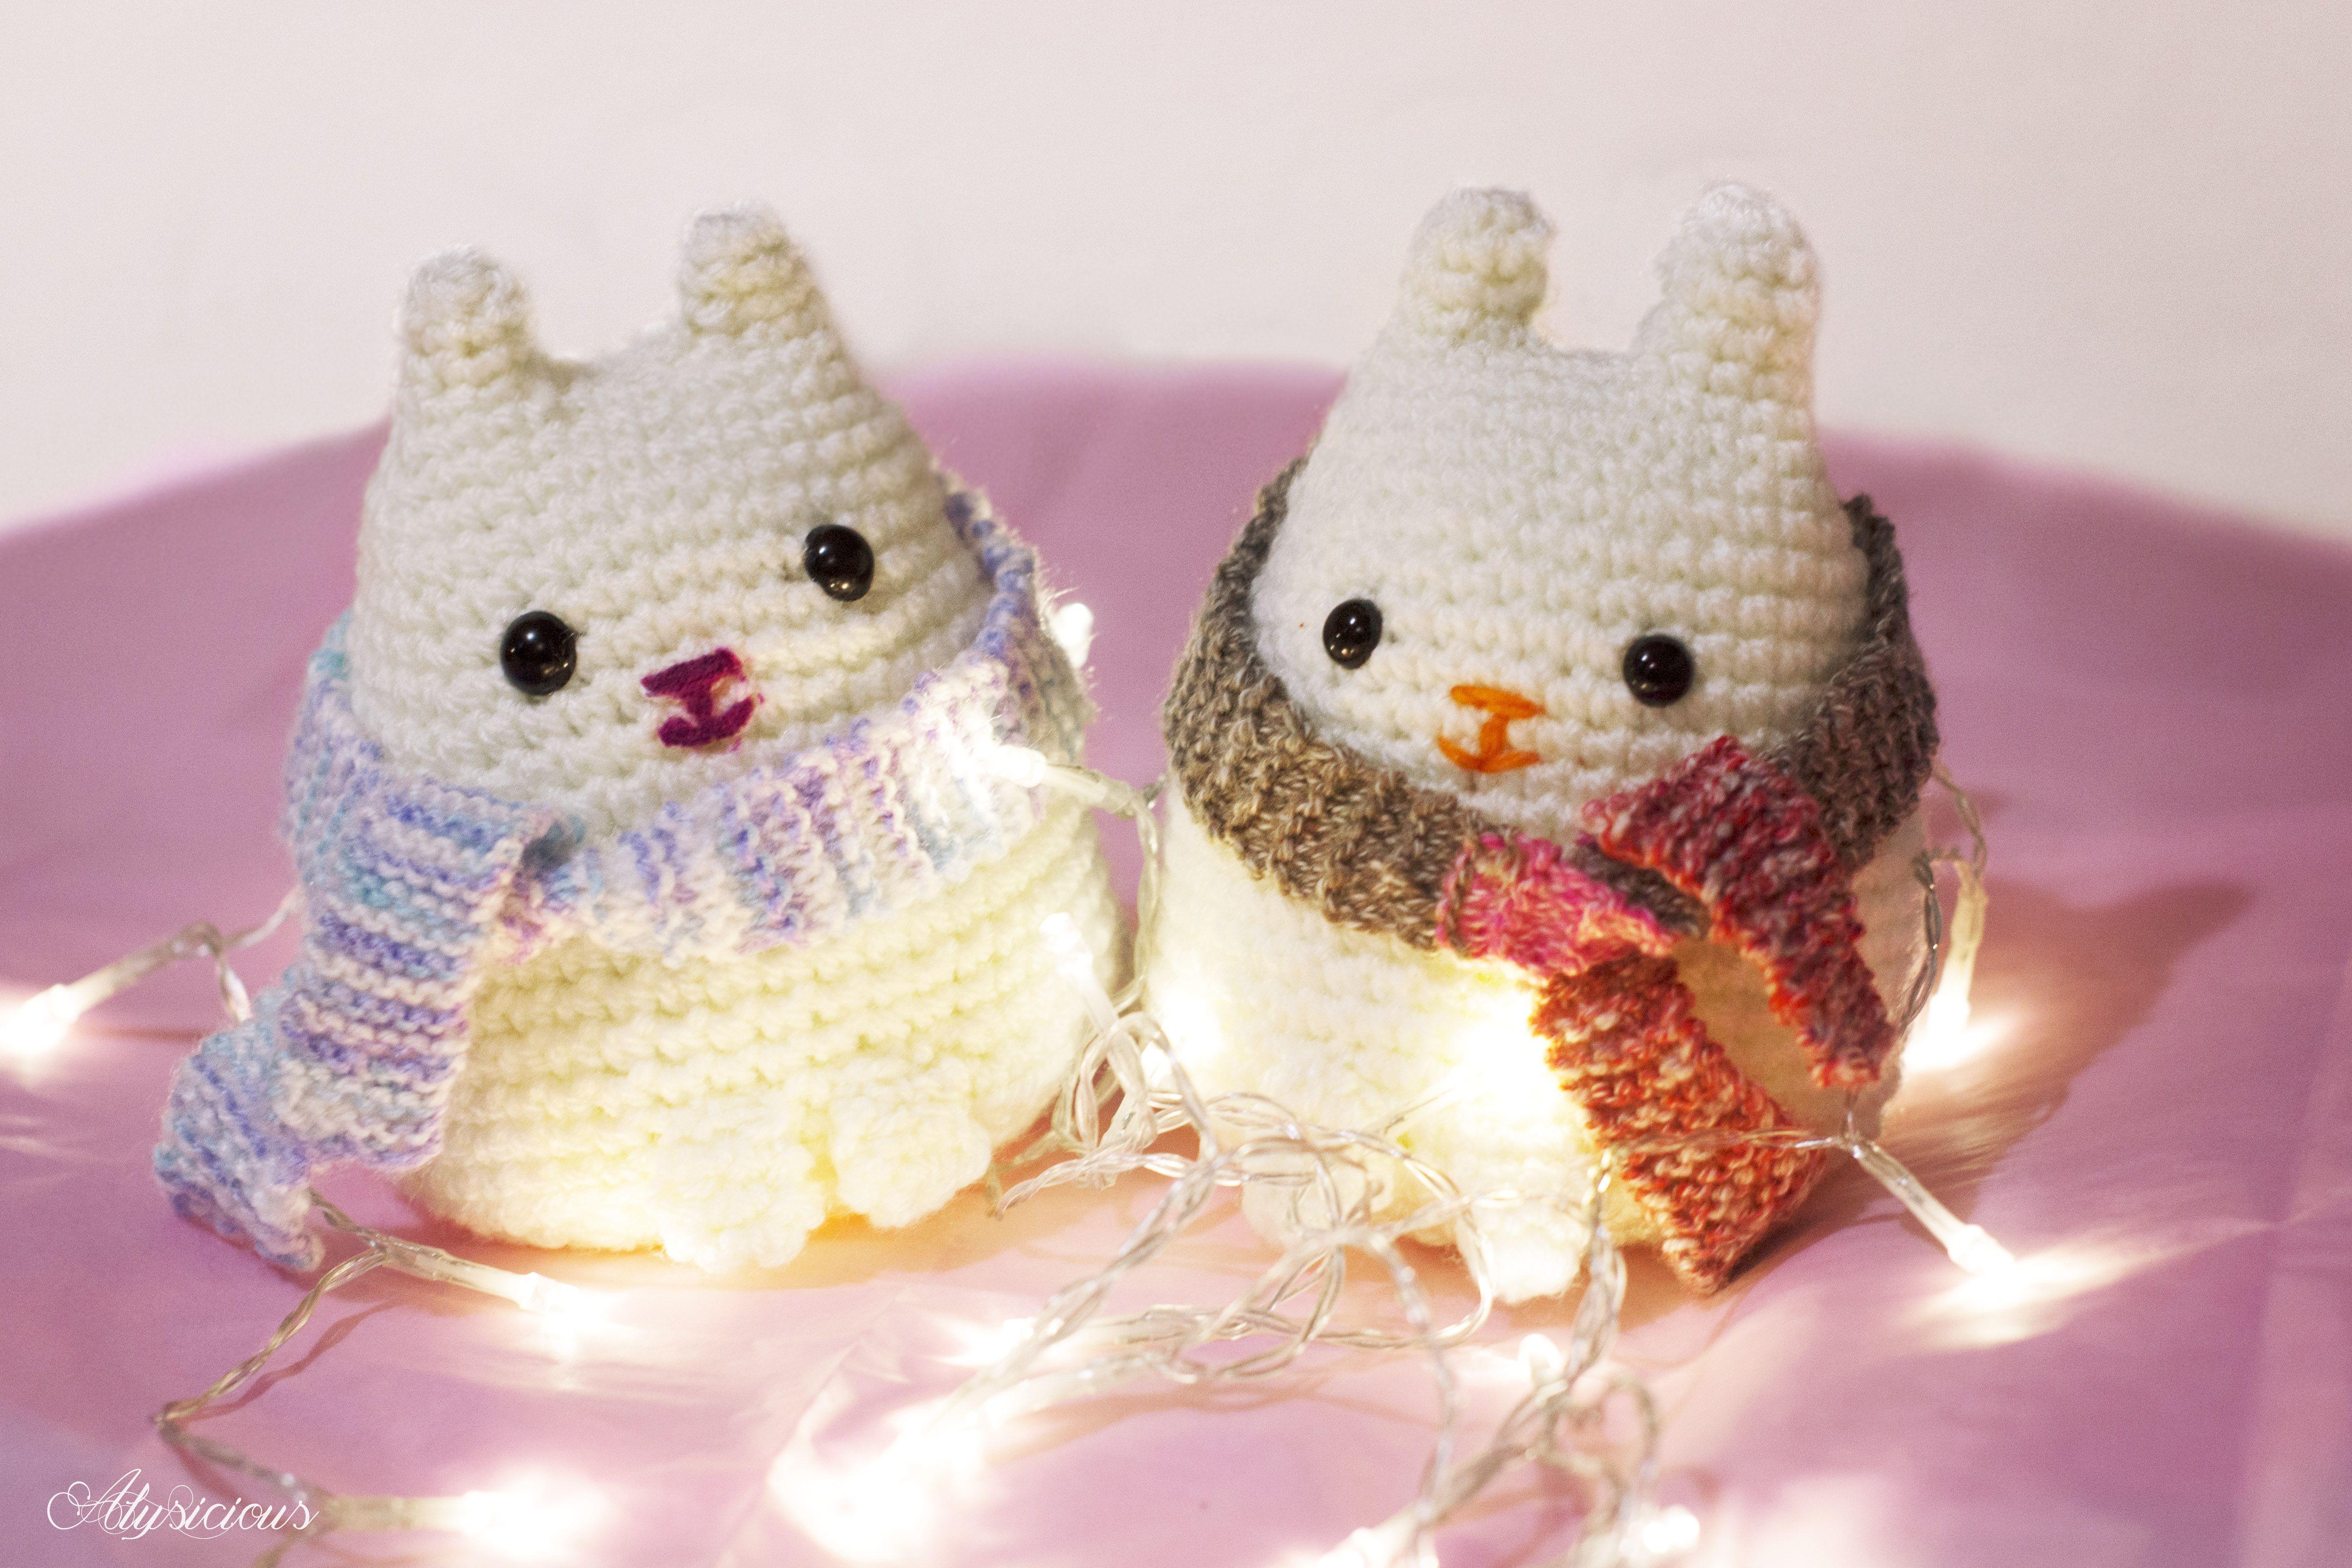 Crochet Dumpling Kitty [Free Pattern] | Crochet cat pattern ... | 3456x5184